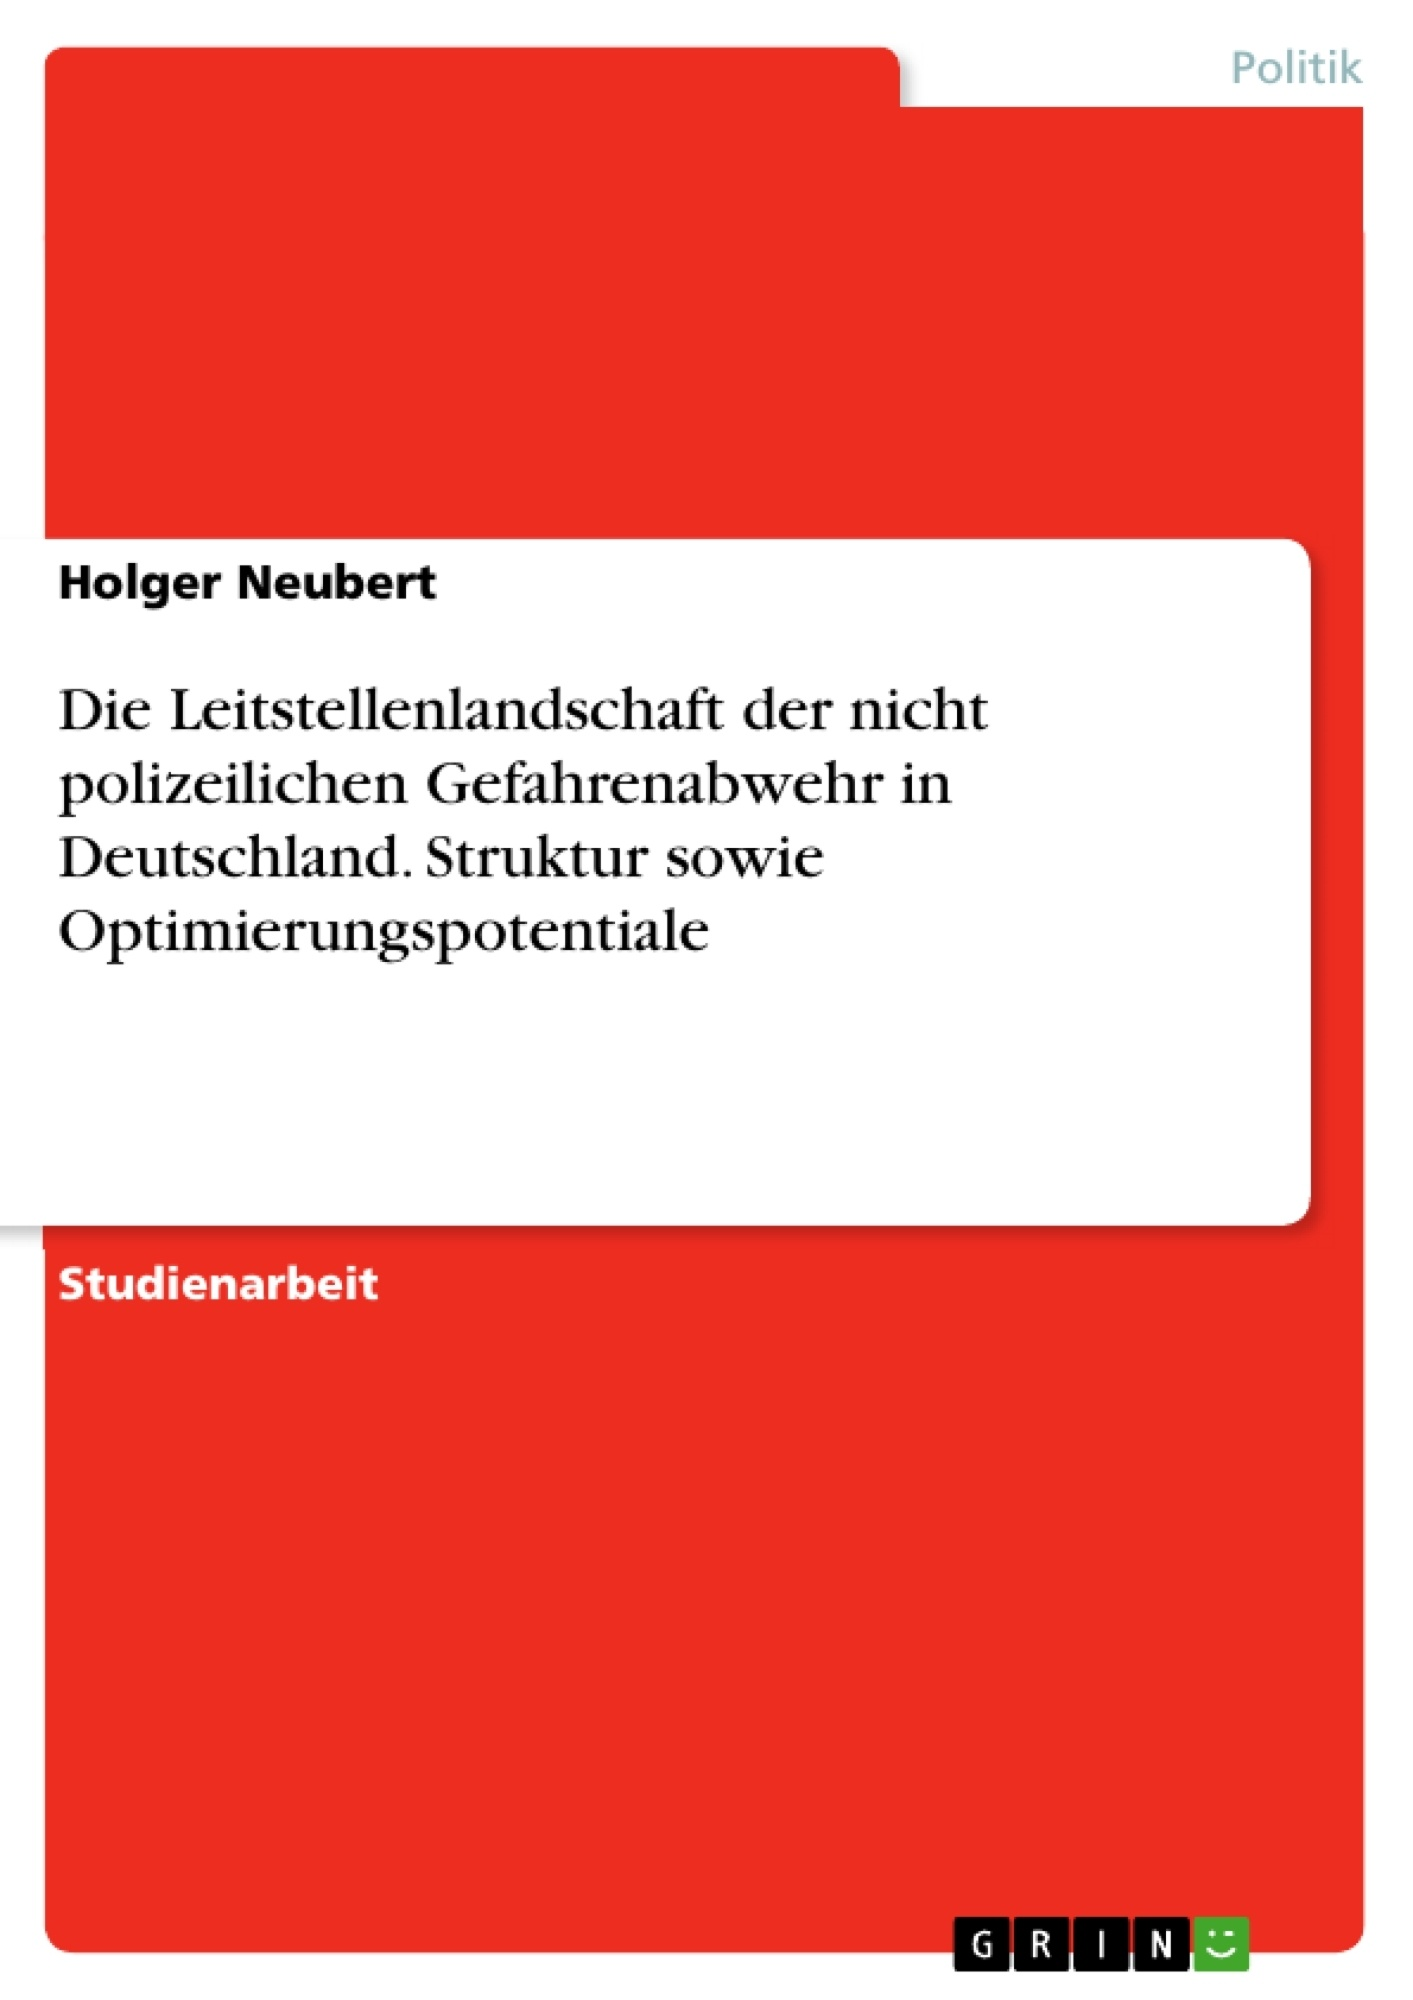 Titel: Die Leitstellenlandschaft der nicht polizeilichen Gefahrenabwehr in Deutschland. Struktur sowie Optimierungspotentiale